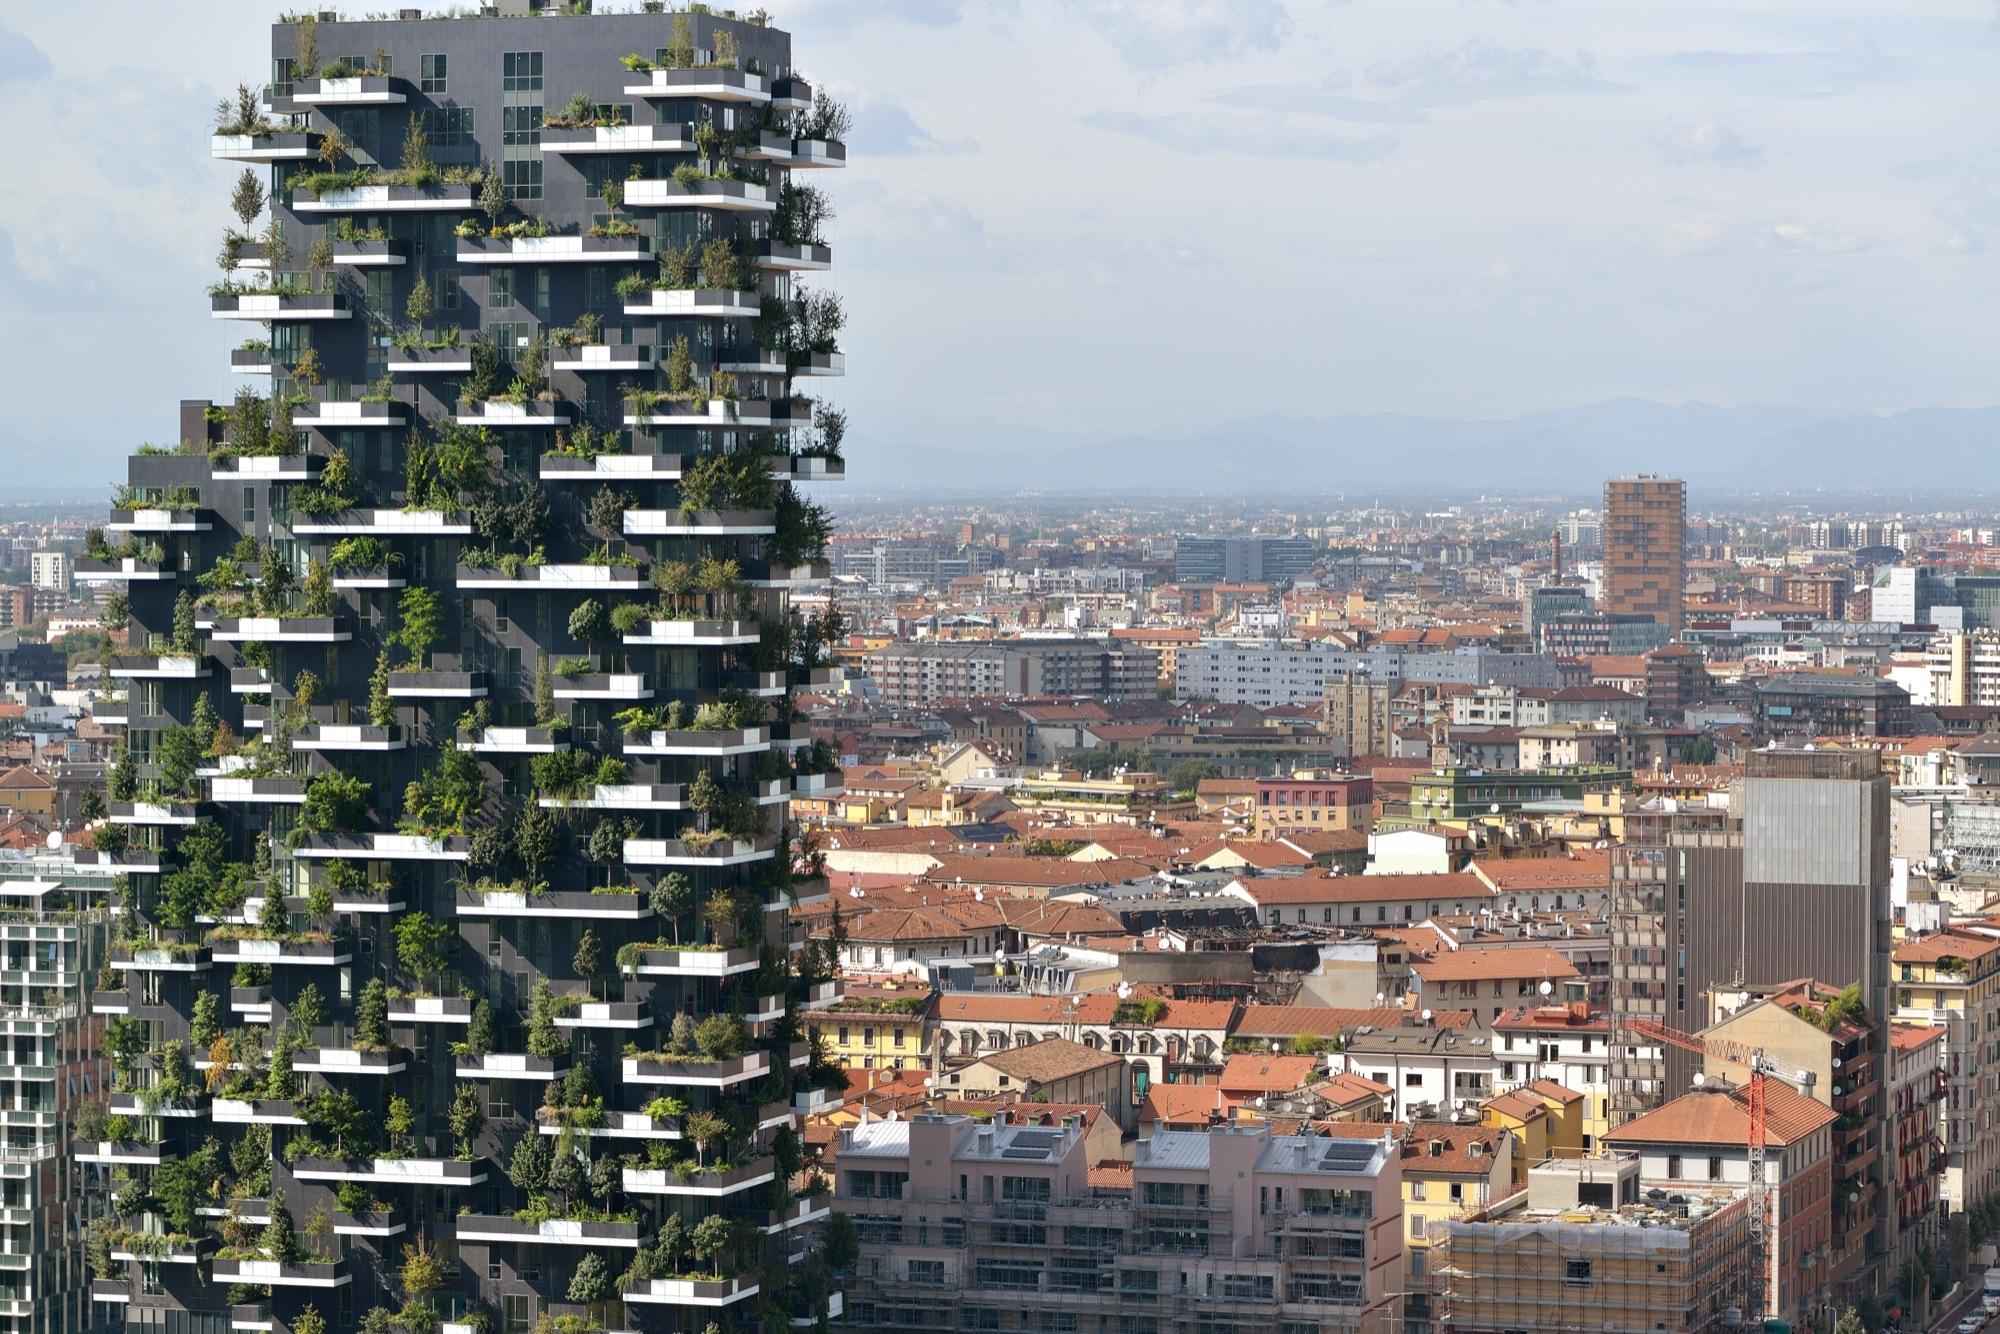 Foto Bosco Verticale Milano bosco verticale / boeri studio   archdaily